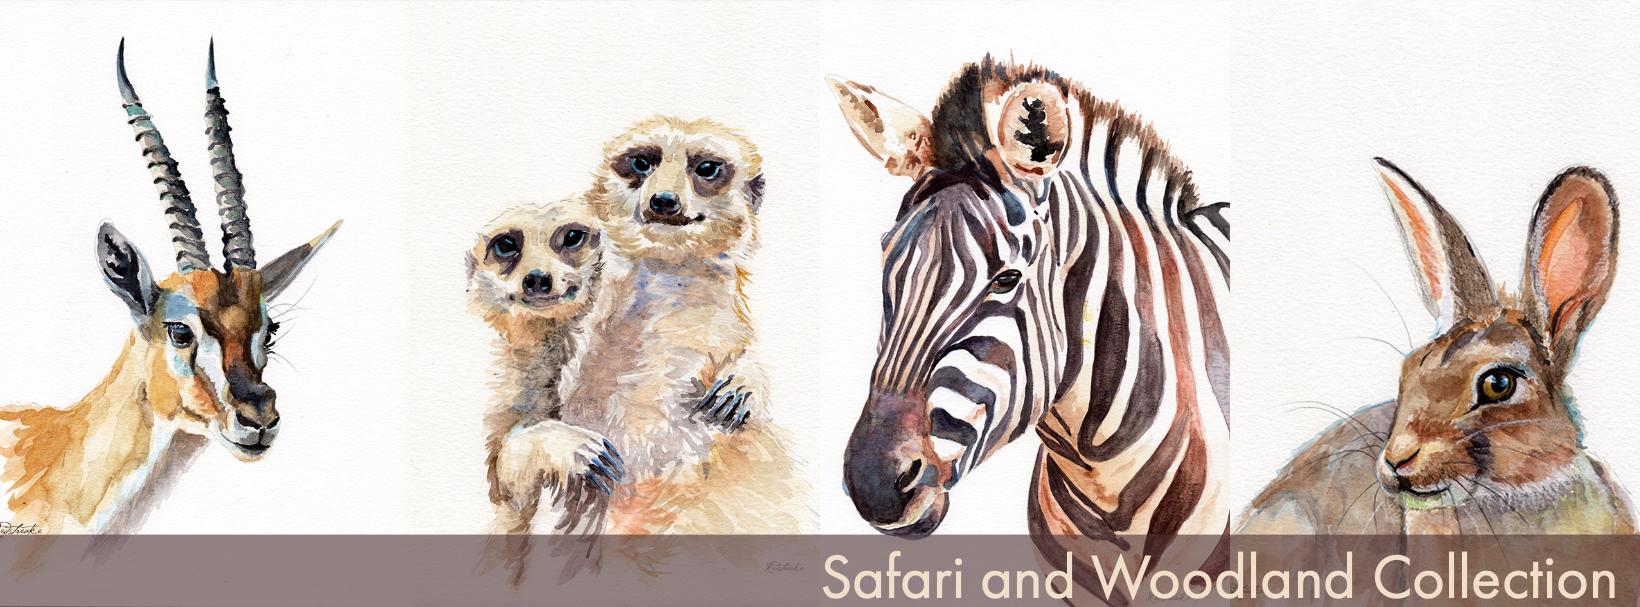 safari and woodland collection.jpg